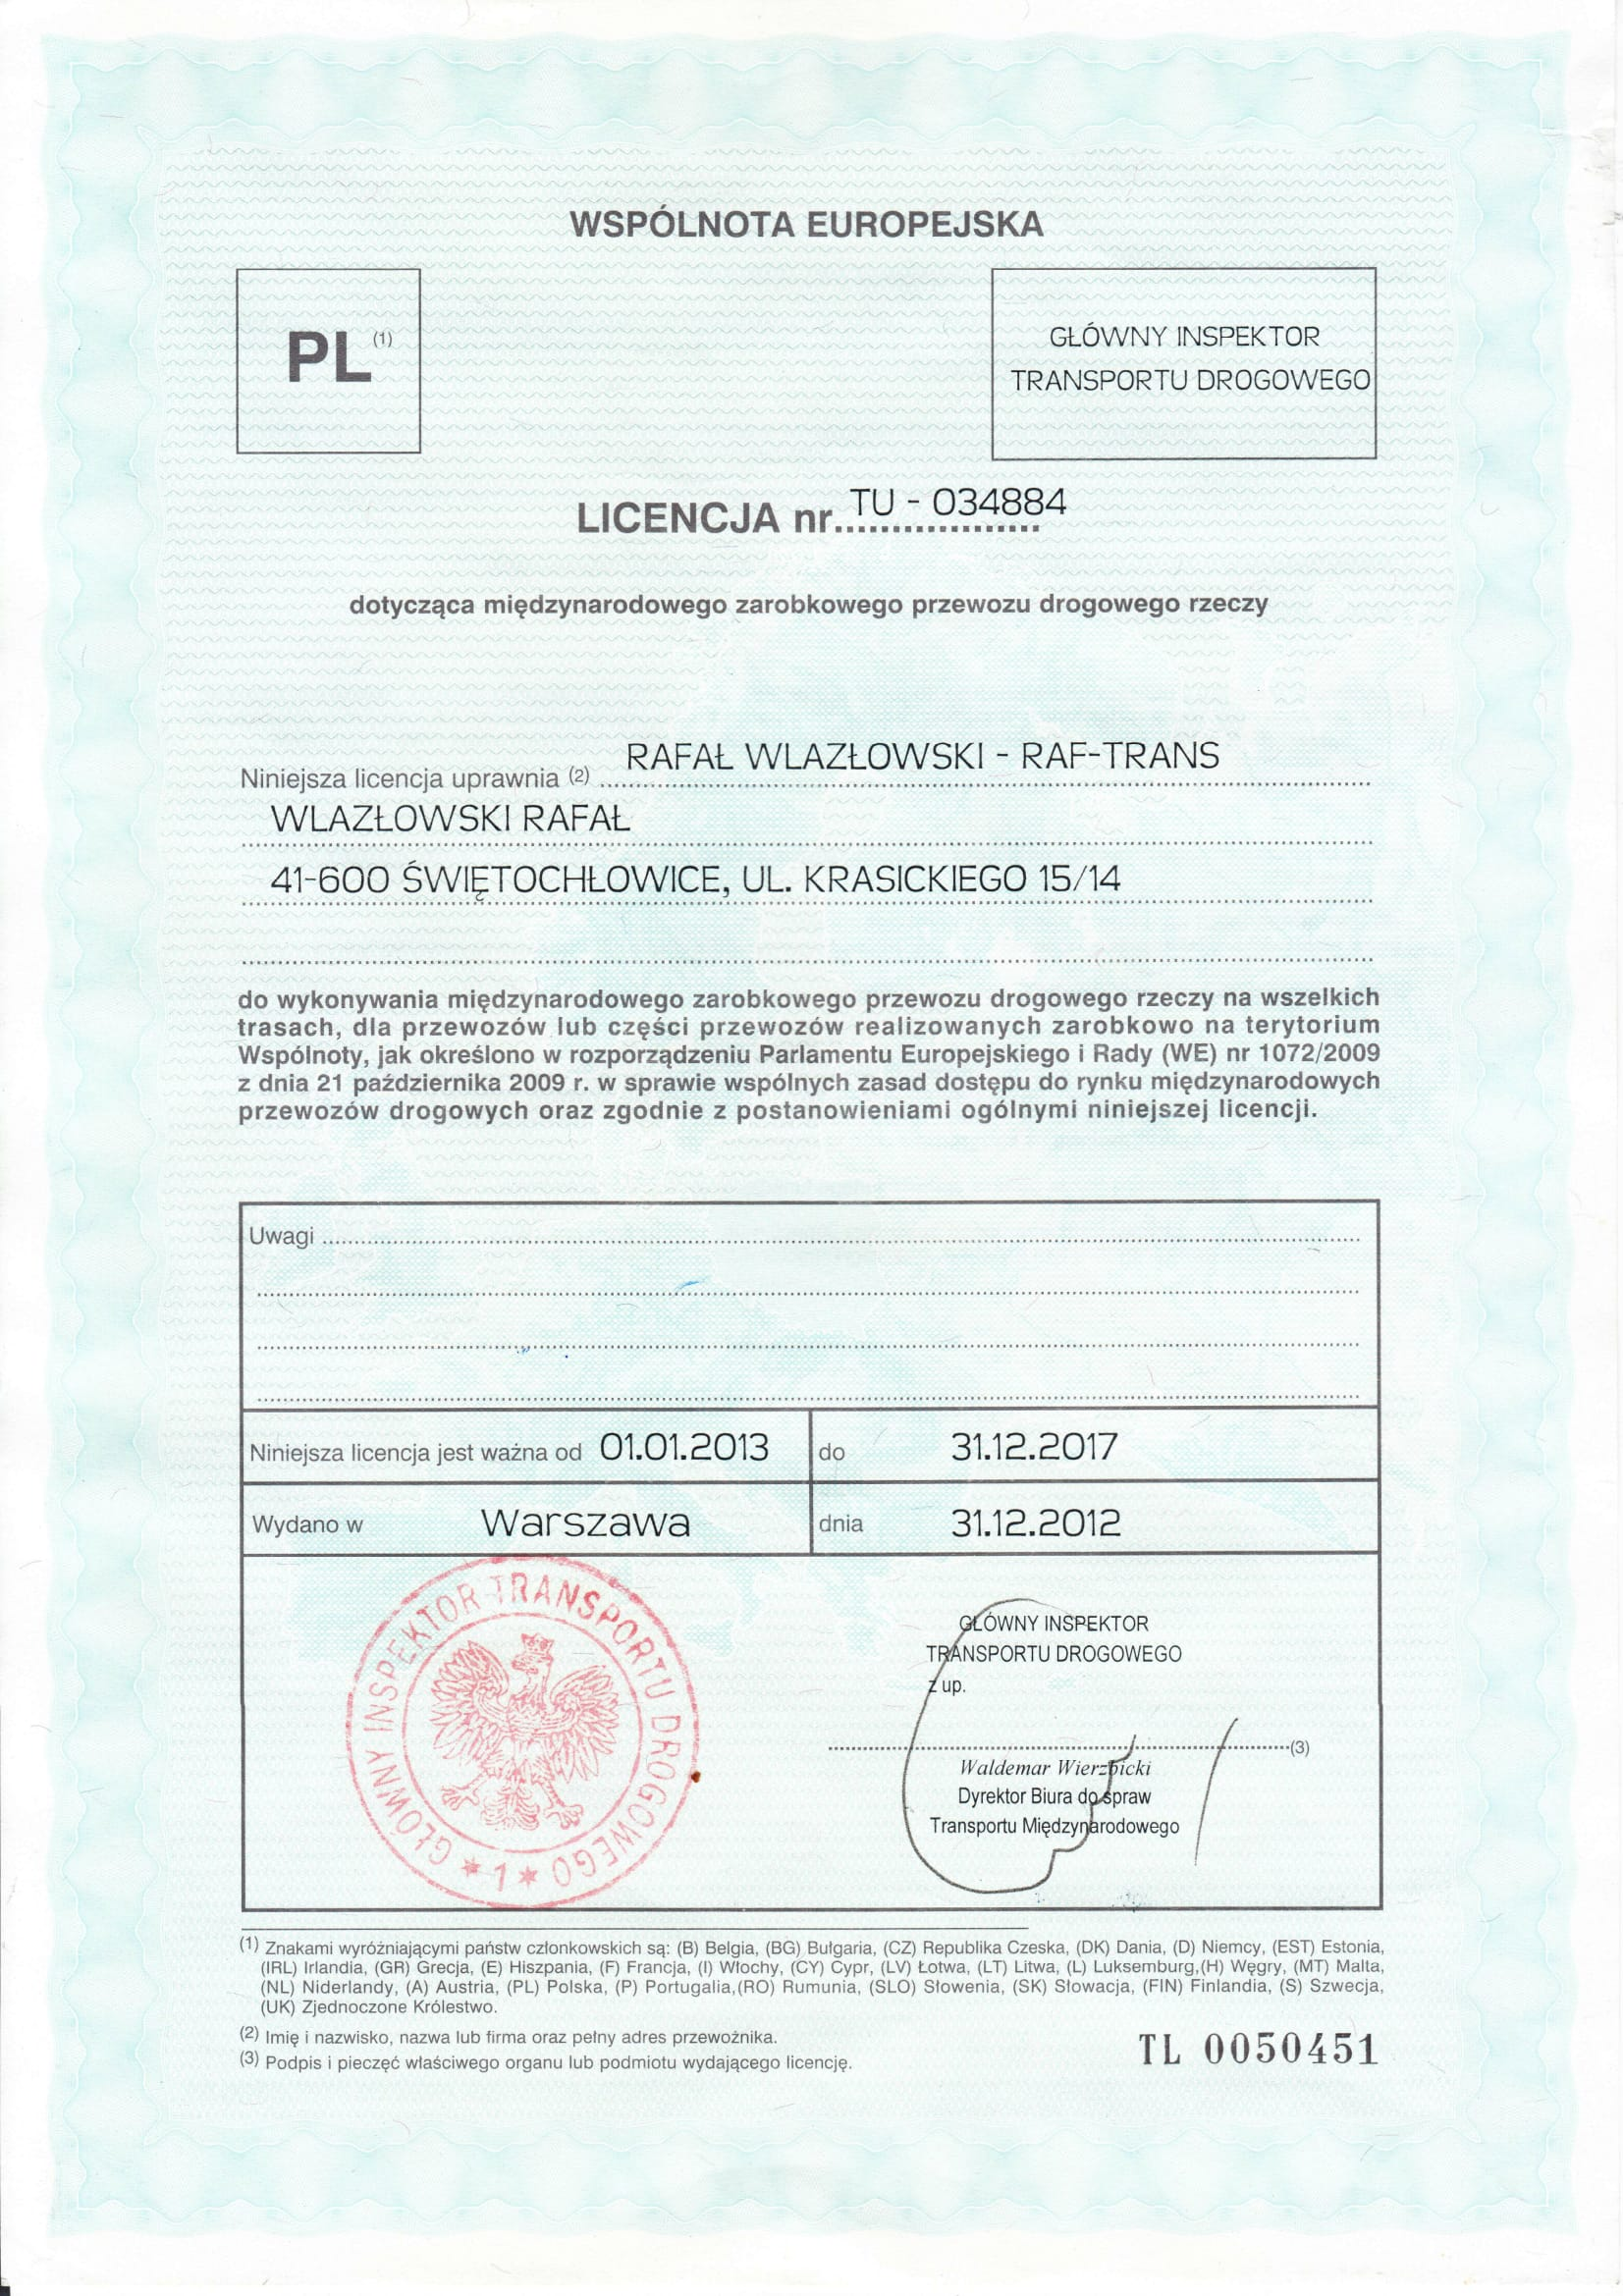 Licencja TRANSPORT WLAZŁOWSKI